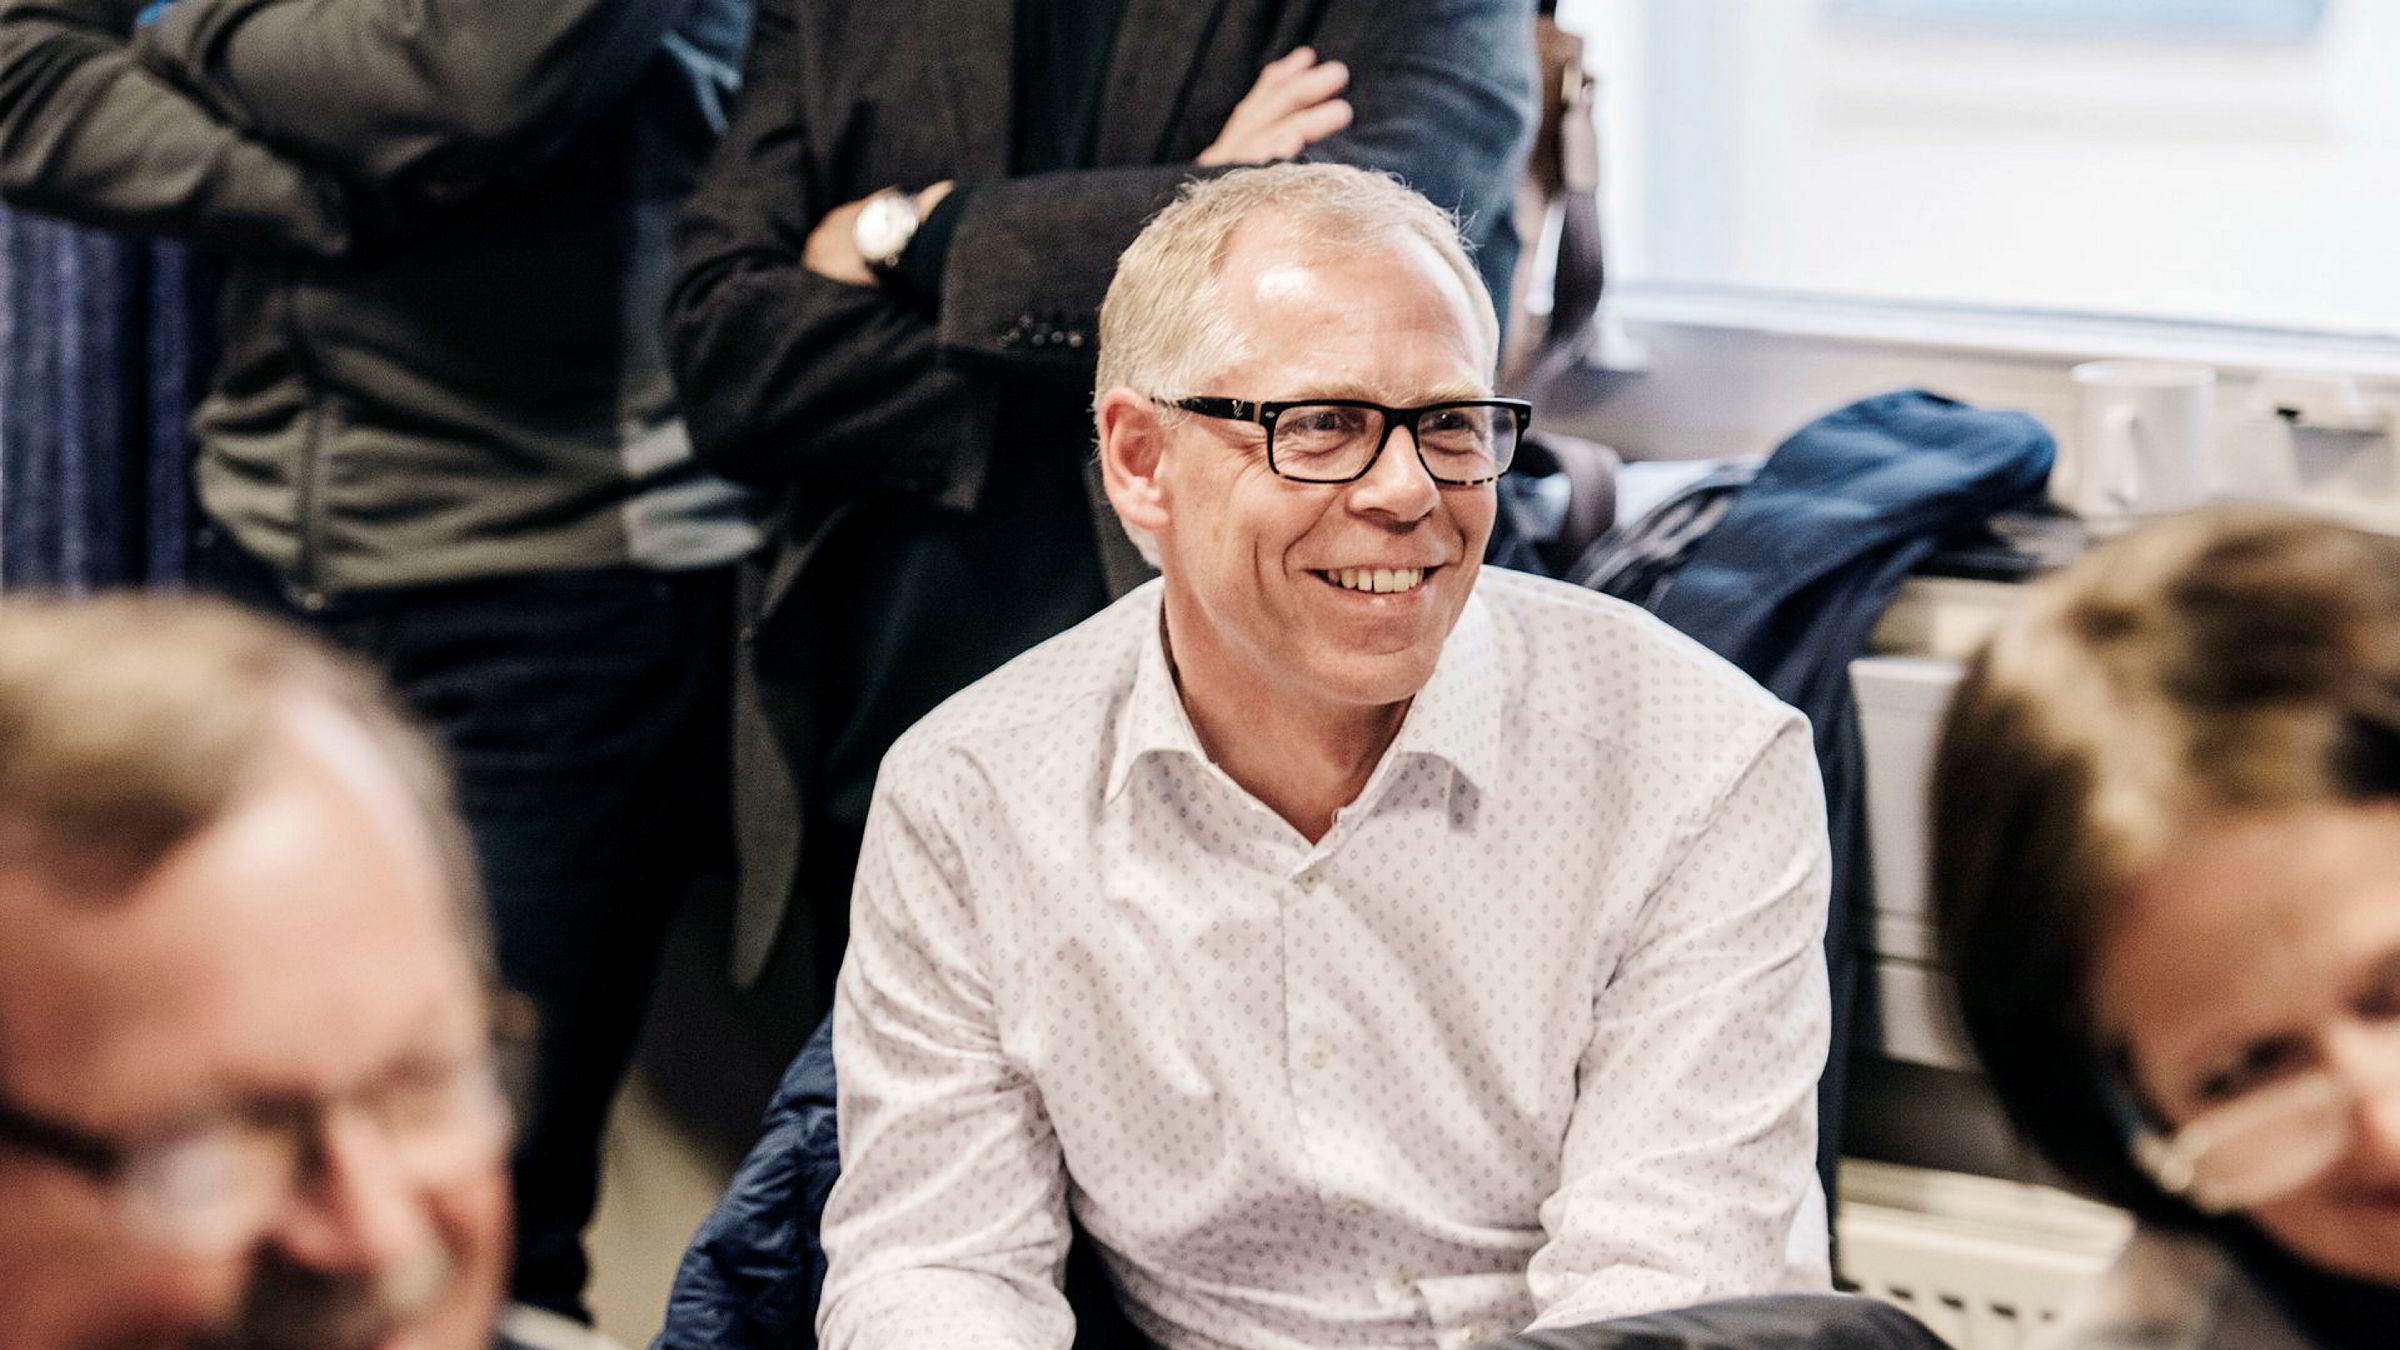 Jan Erik Mushom, eier av Mushom Invest og hovedeier i Mentor Medier, overrasket med et aksjesalg i forkant av ekstraordinær generalforsamling, som trolig var et forsøk på å redde jobben til Mentor Mediers styreleder Tomas Brunegård.